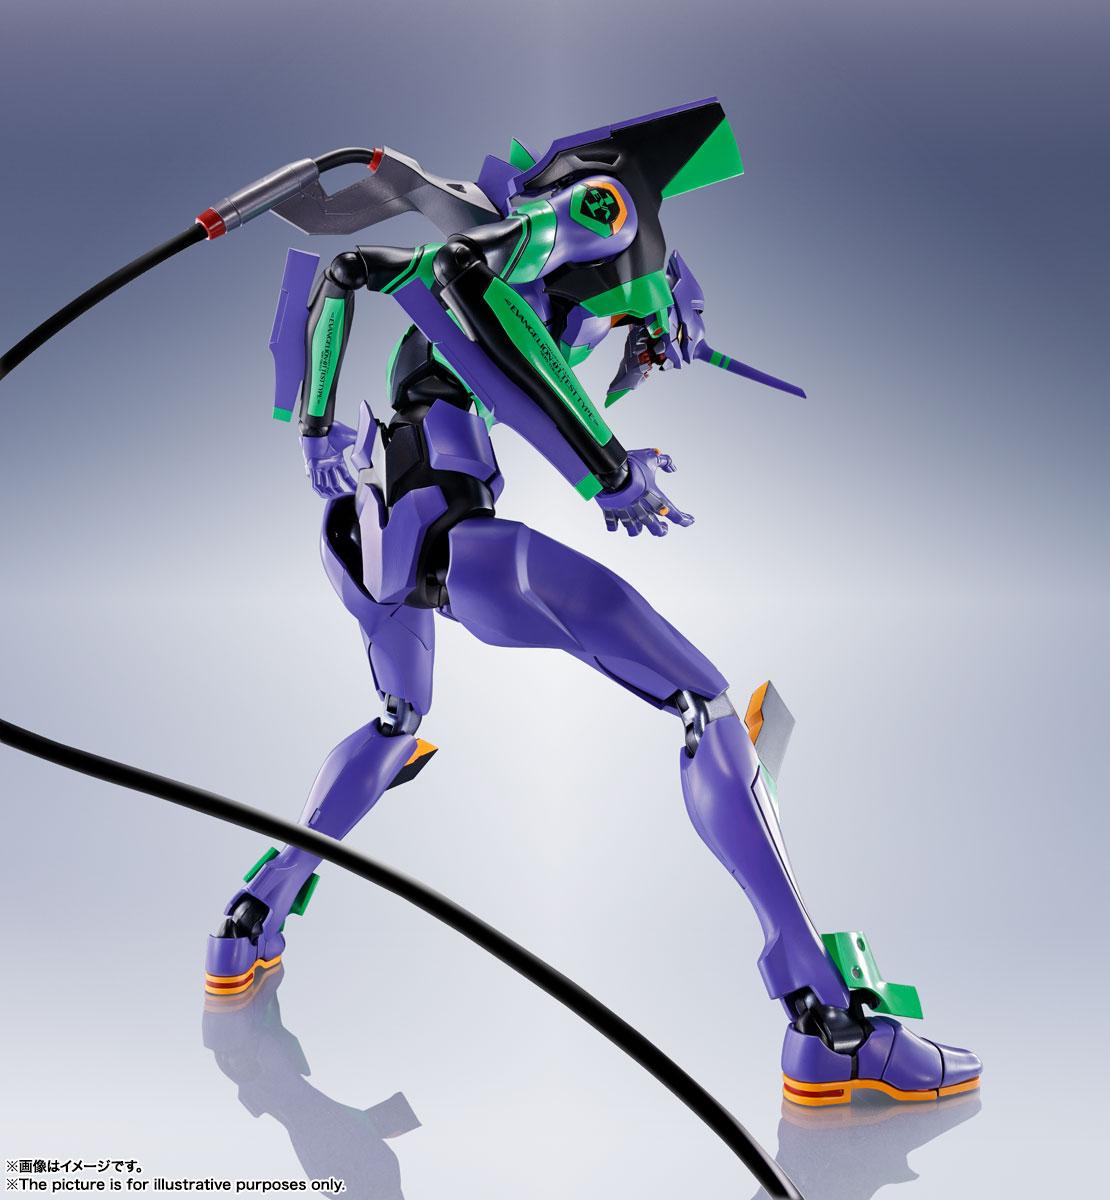 【再販】DYNACTION『汎用ヒト型決戦兵器 人造人間エヴァンゲリオン初号機』ダイナクション 可動フィギュア-006